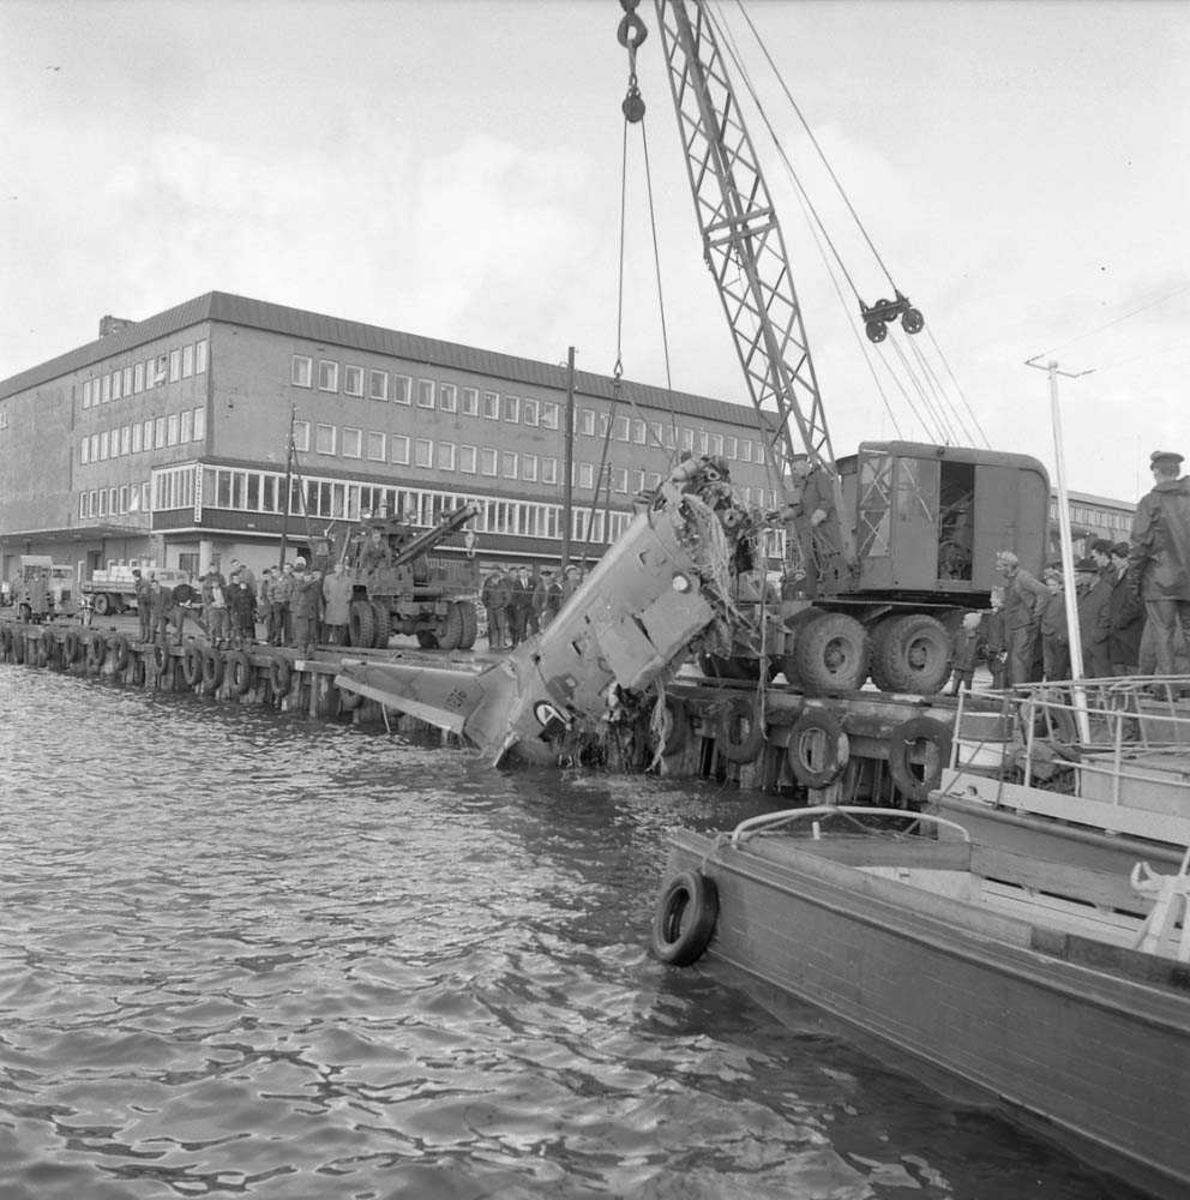 F-86-K Sabre er hevet fra havets bunn og slept inn til havnen i Bodø, av fartøyet N-510-ME. Flyvraket ble så kjørt til Bodø flystasjon.